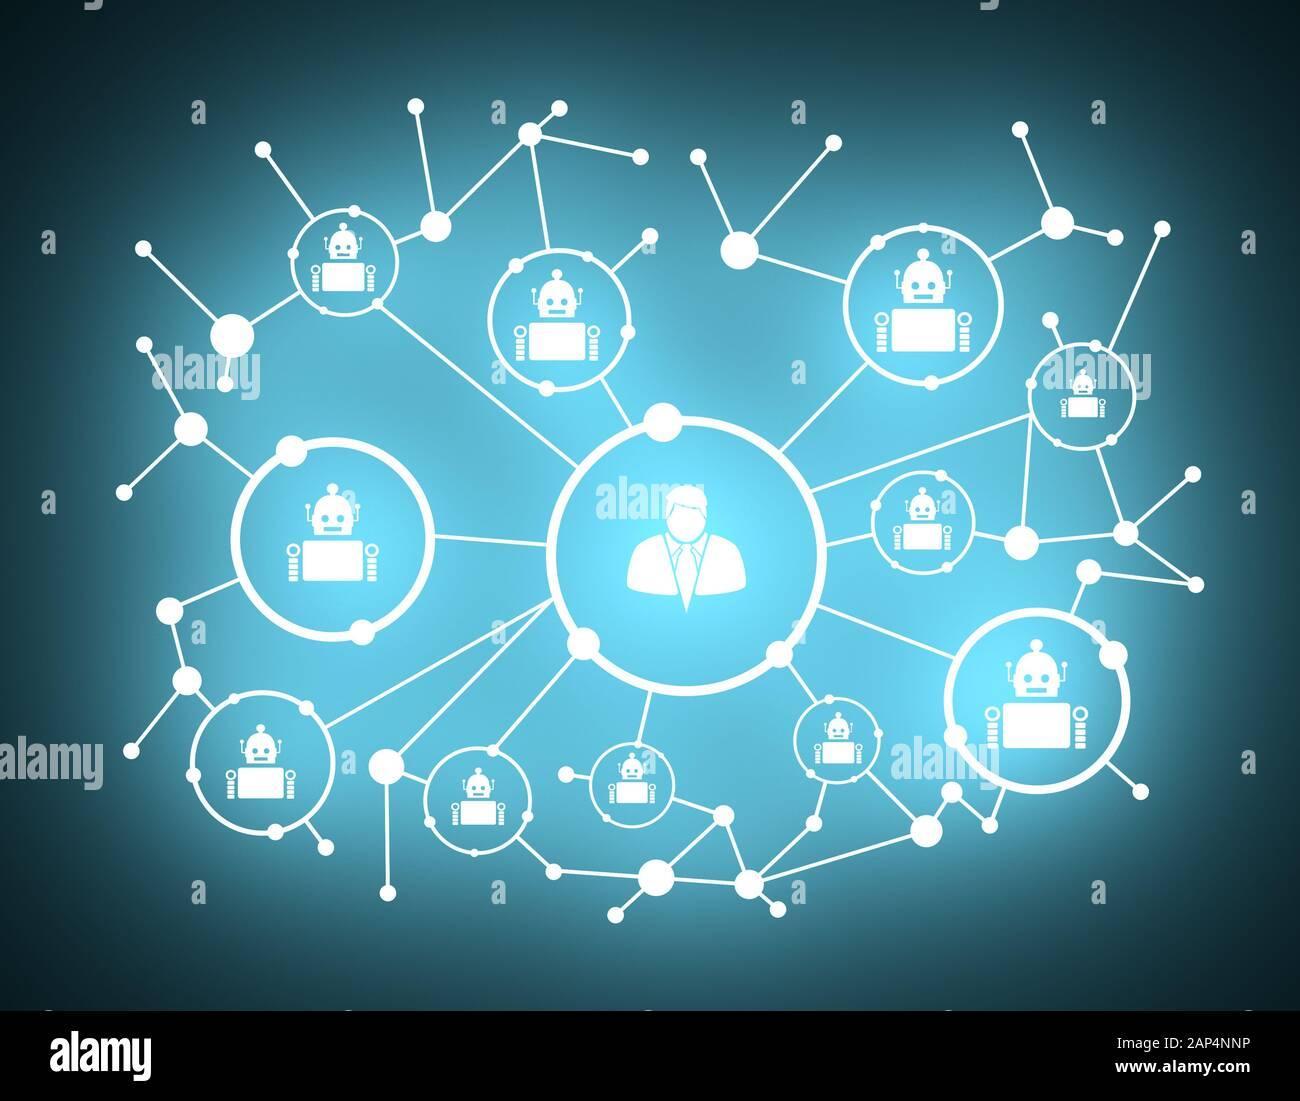 Fondo de crecimiento con líneas, círculos y de integrar los iconos. Símbolos conectado por digital, interactiva y el concepto de comunicación global. Derechos y robo Foto de stock